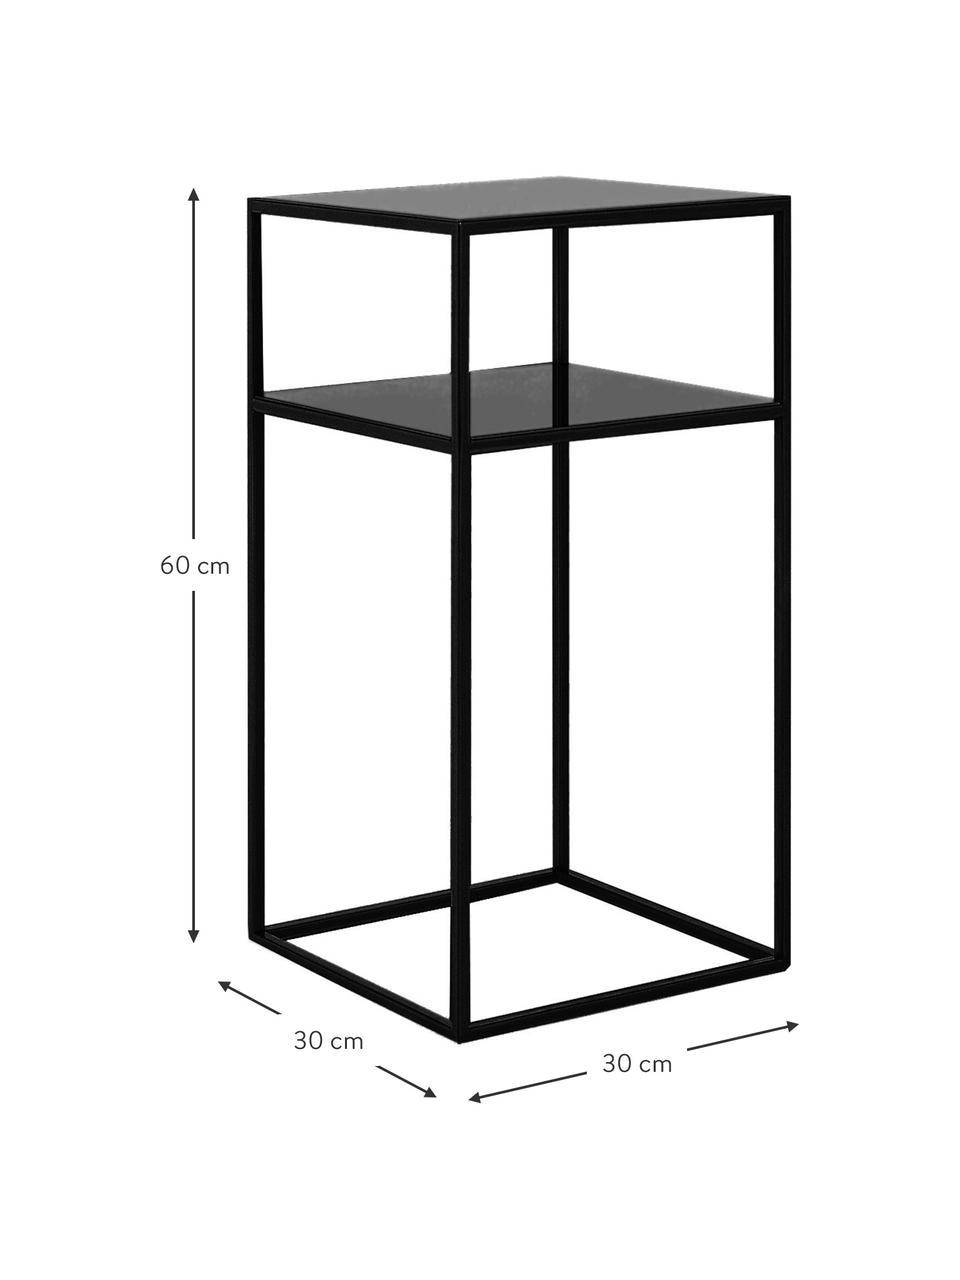 Metall-Beistelltisch Tensio in Schwarz, Metall, pulverbeschichtet, Schwarz, B 30 x T 30 cm